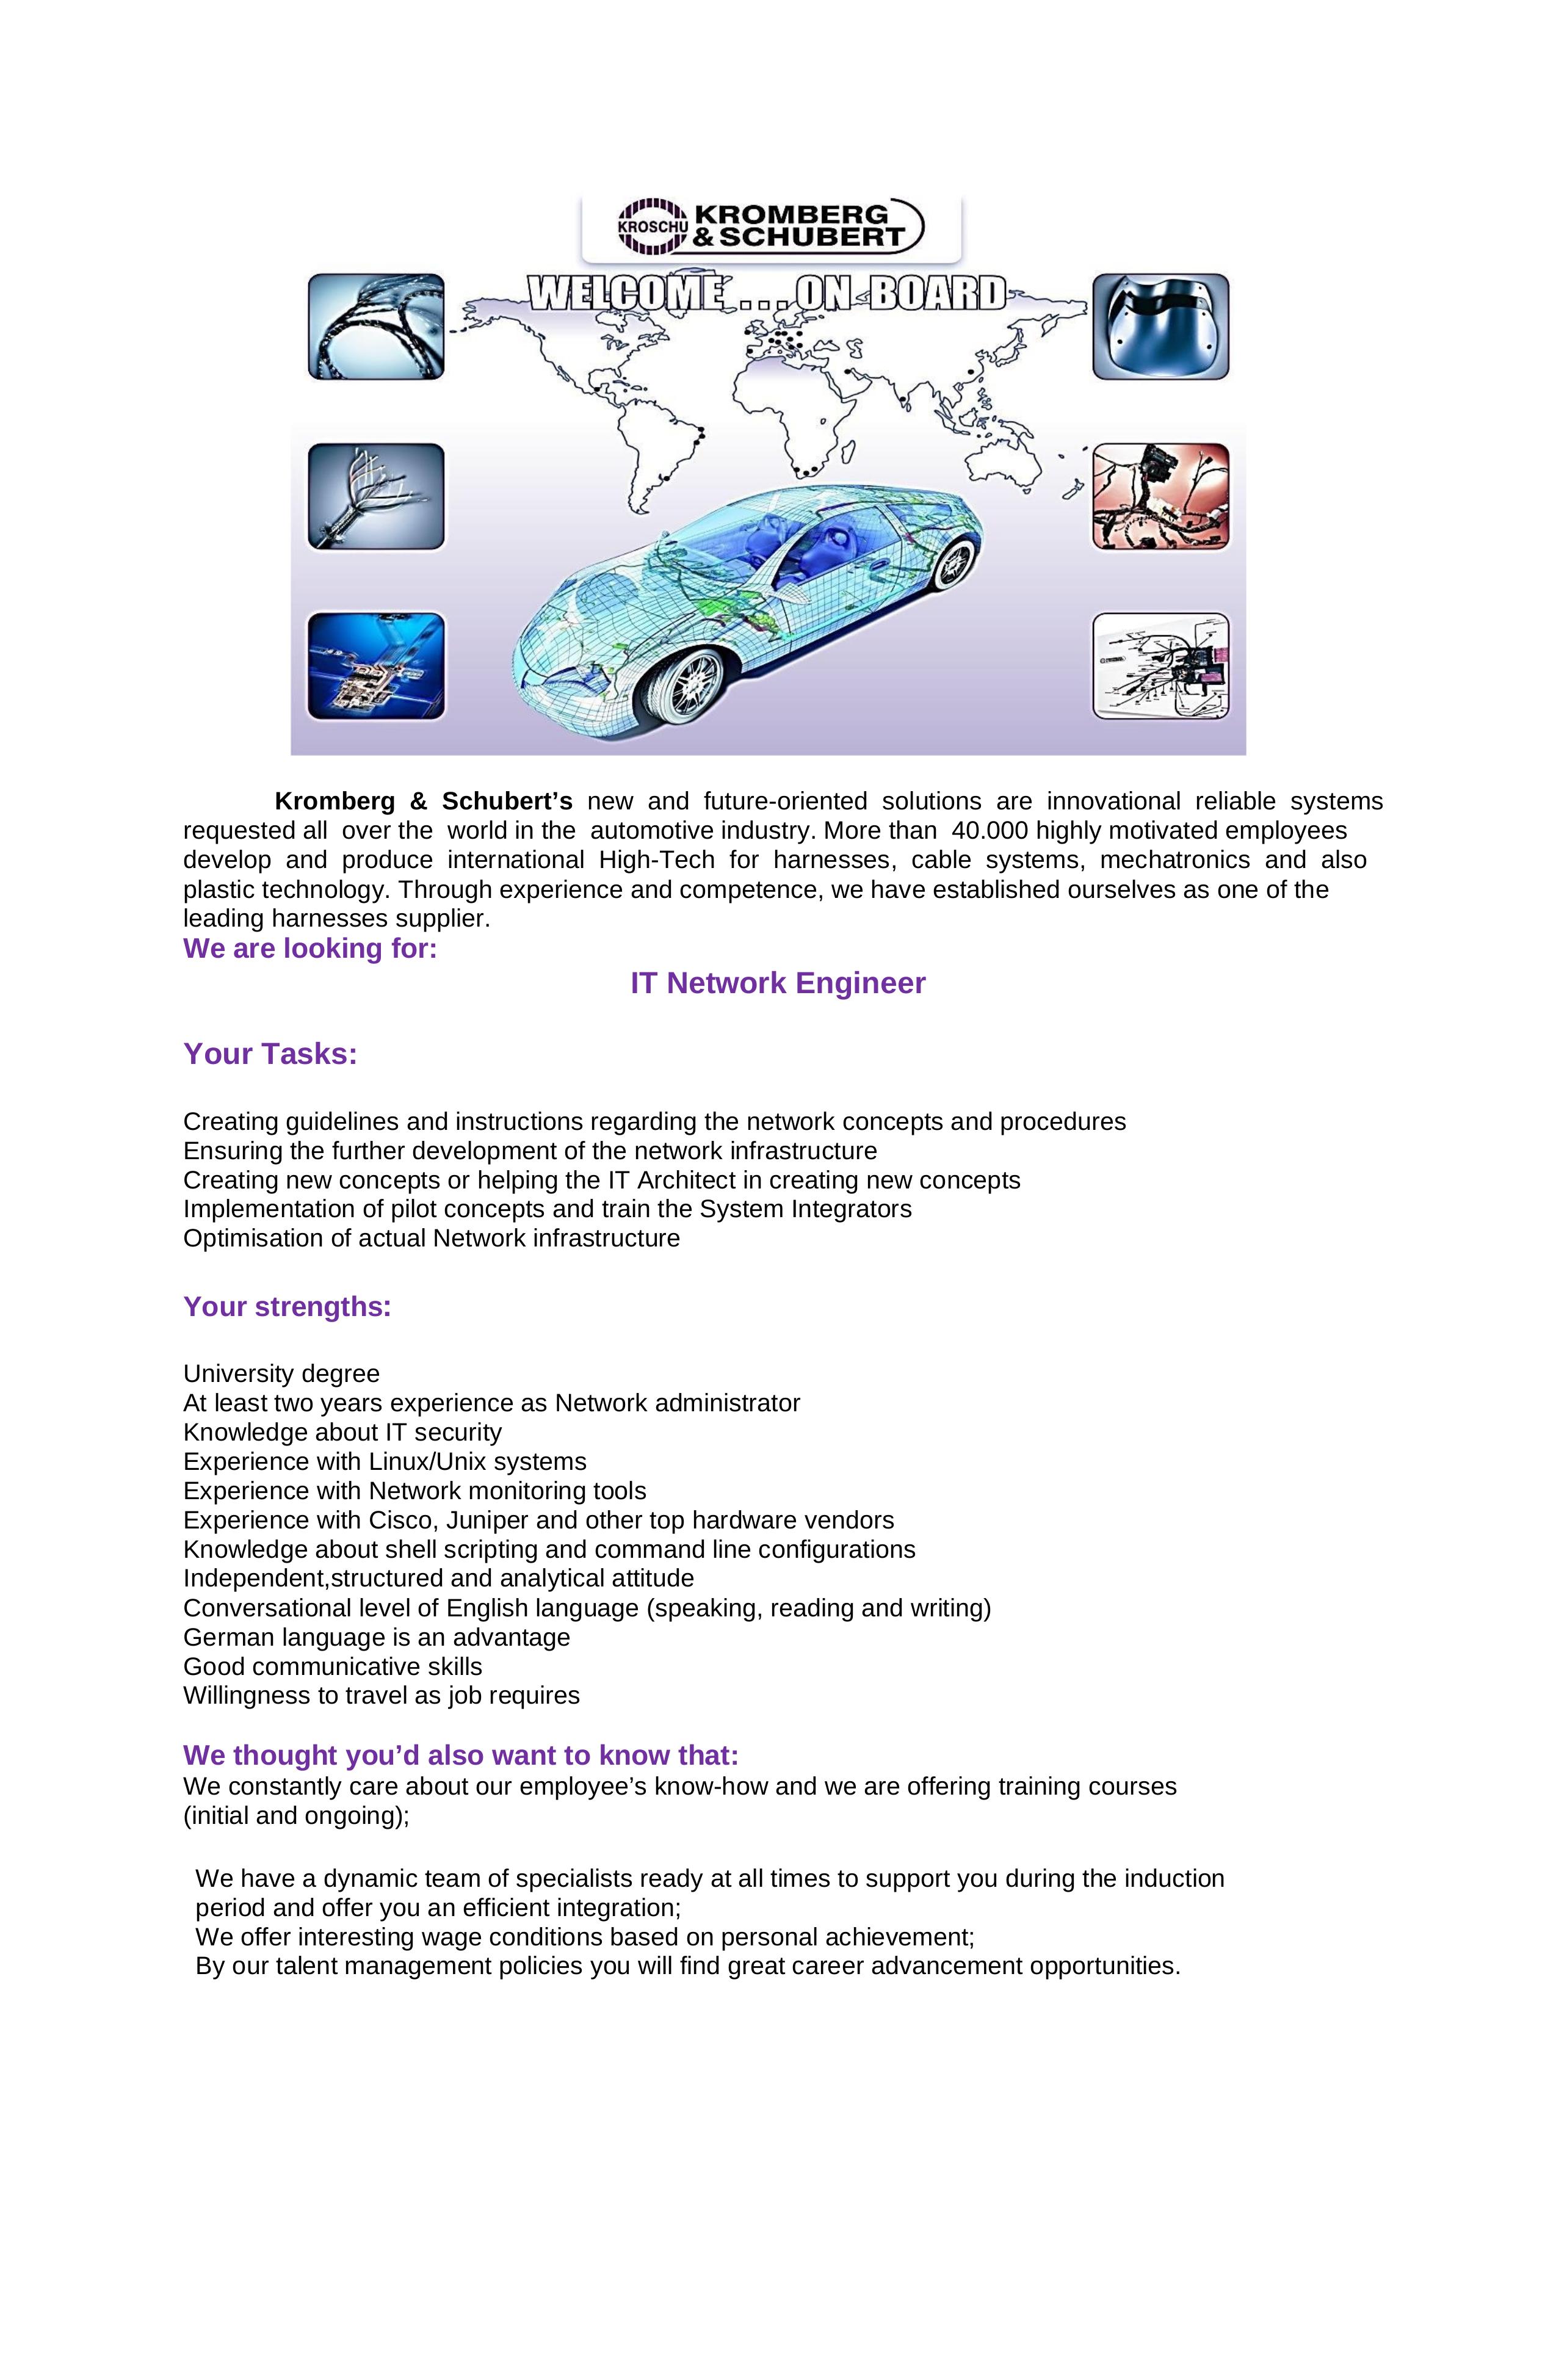 IT Network Engineer1234